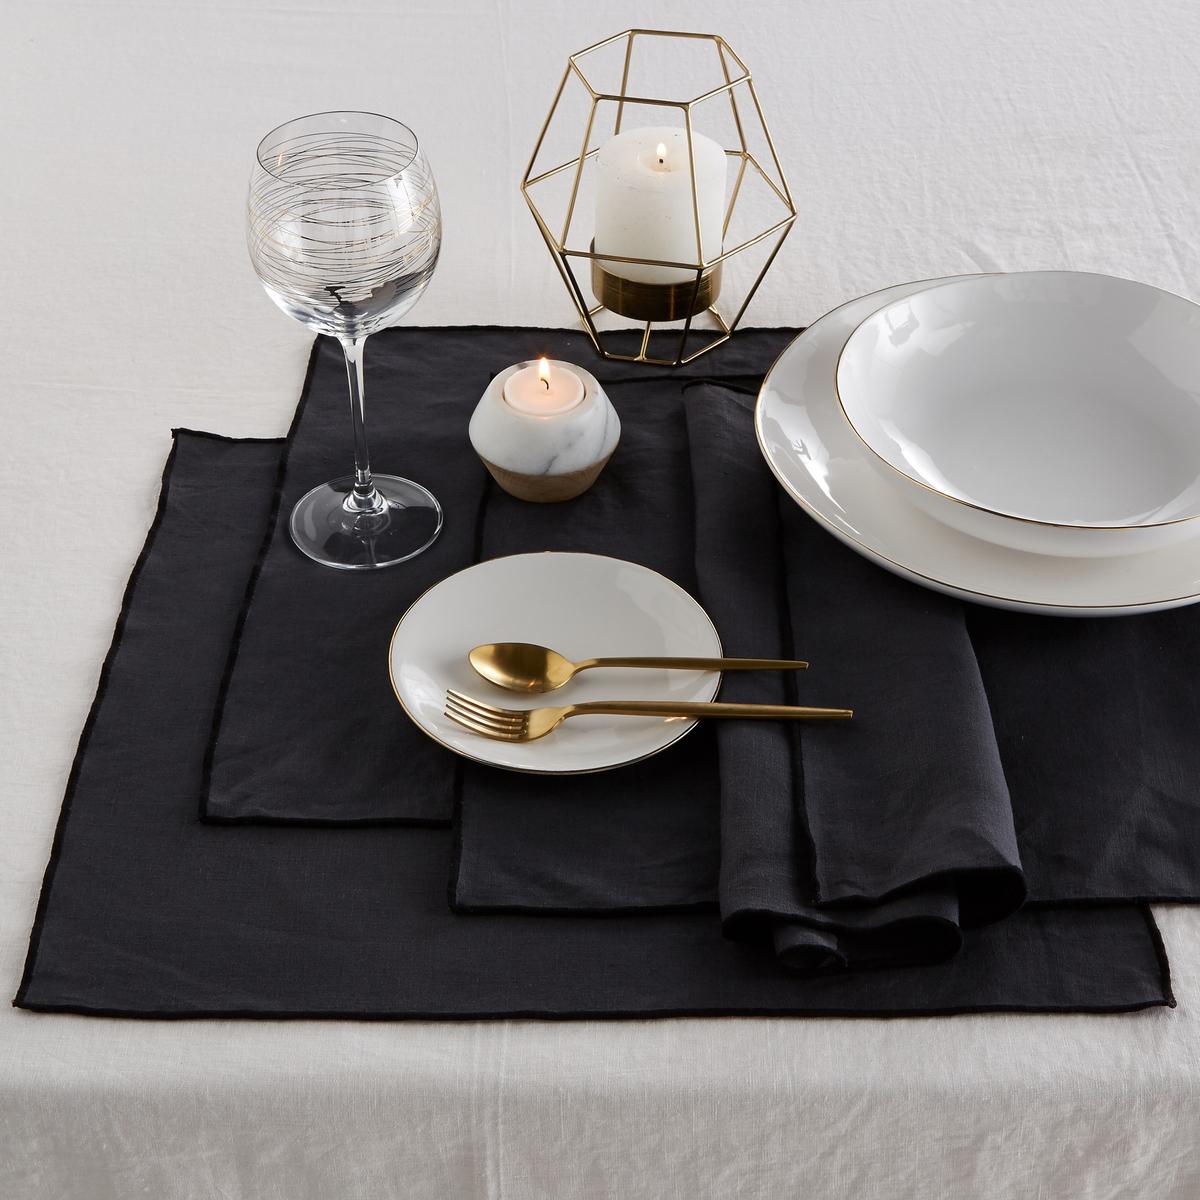 4 салфетки под тарелку льняные Taraka4 салфетки под тарелкуTaraka, 100% лен. Эти салфетки совмещают в себе природную мягкость льна и изысканность тонкой отделки черного цвета. Скатерти, салфетки и дорожки для стола в продаже на сайте. Состав : - 100% лен, подкладка: ленРазмер : - ширина 46 x длина 35 смЗнак Oeko-Tex® гарантирует, что товары протестированы, сертифицированы и не содержат вредных для здоровья веществ.<br><br>Цвет: антрацит,белый